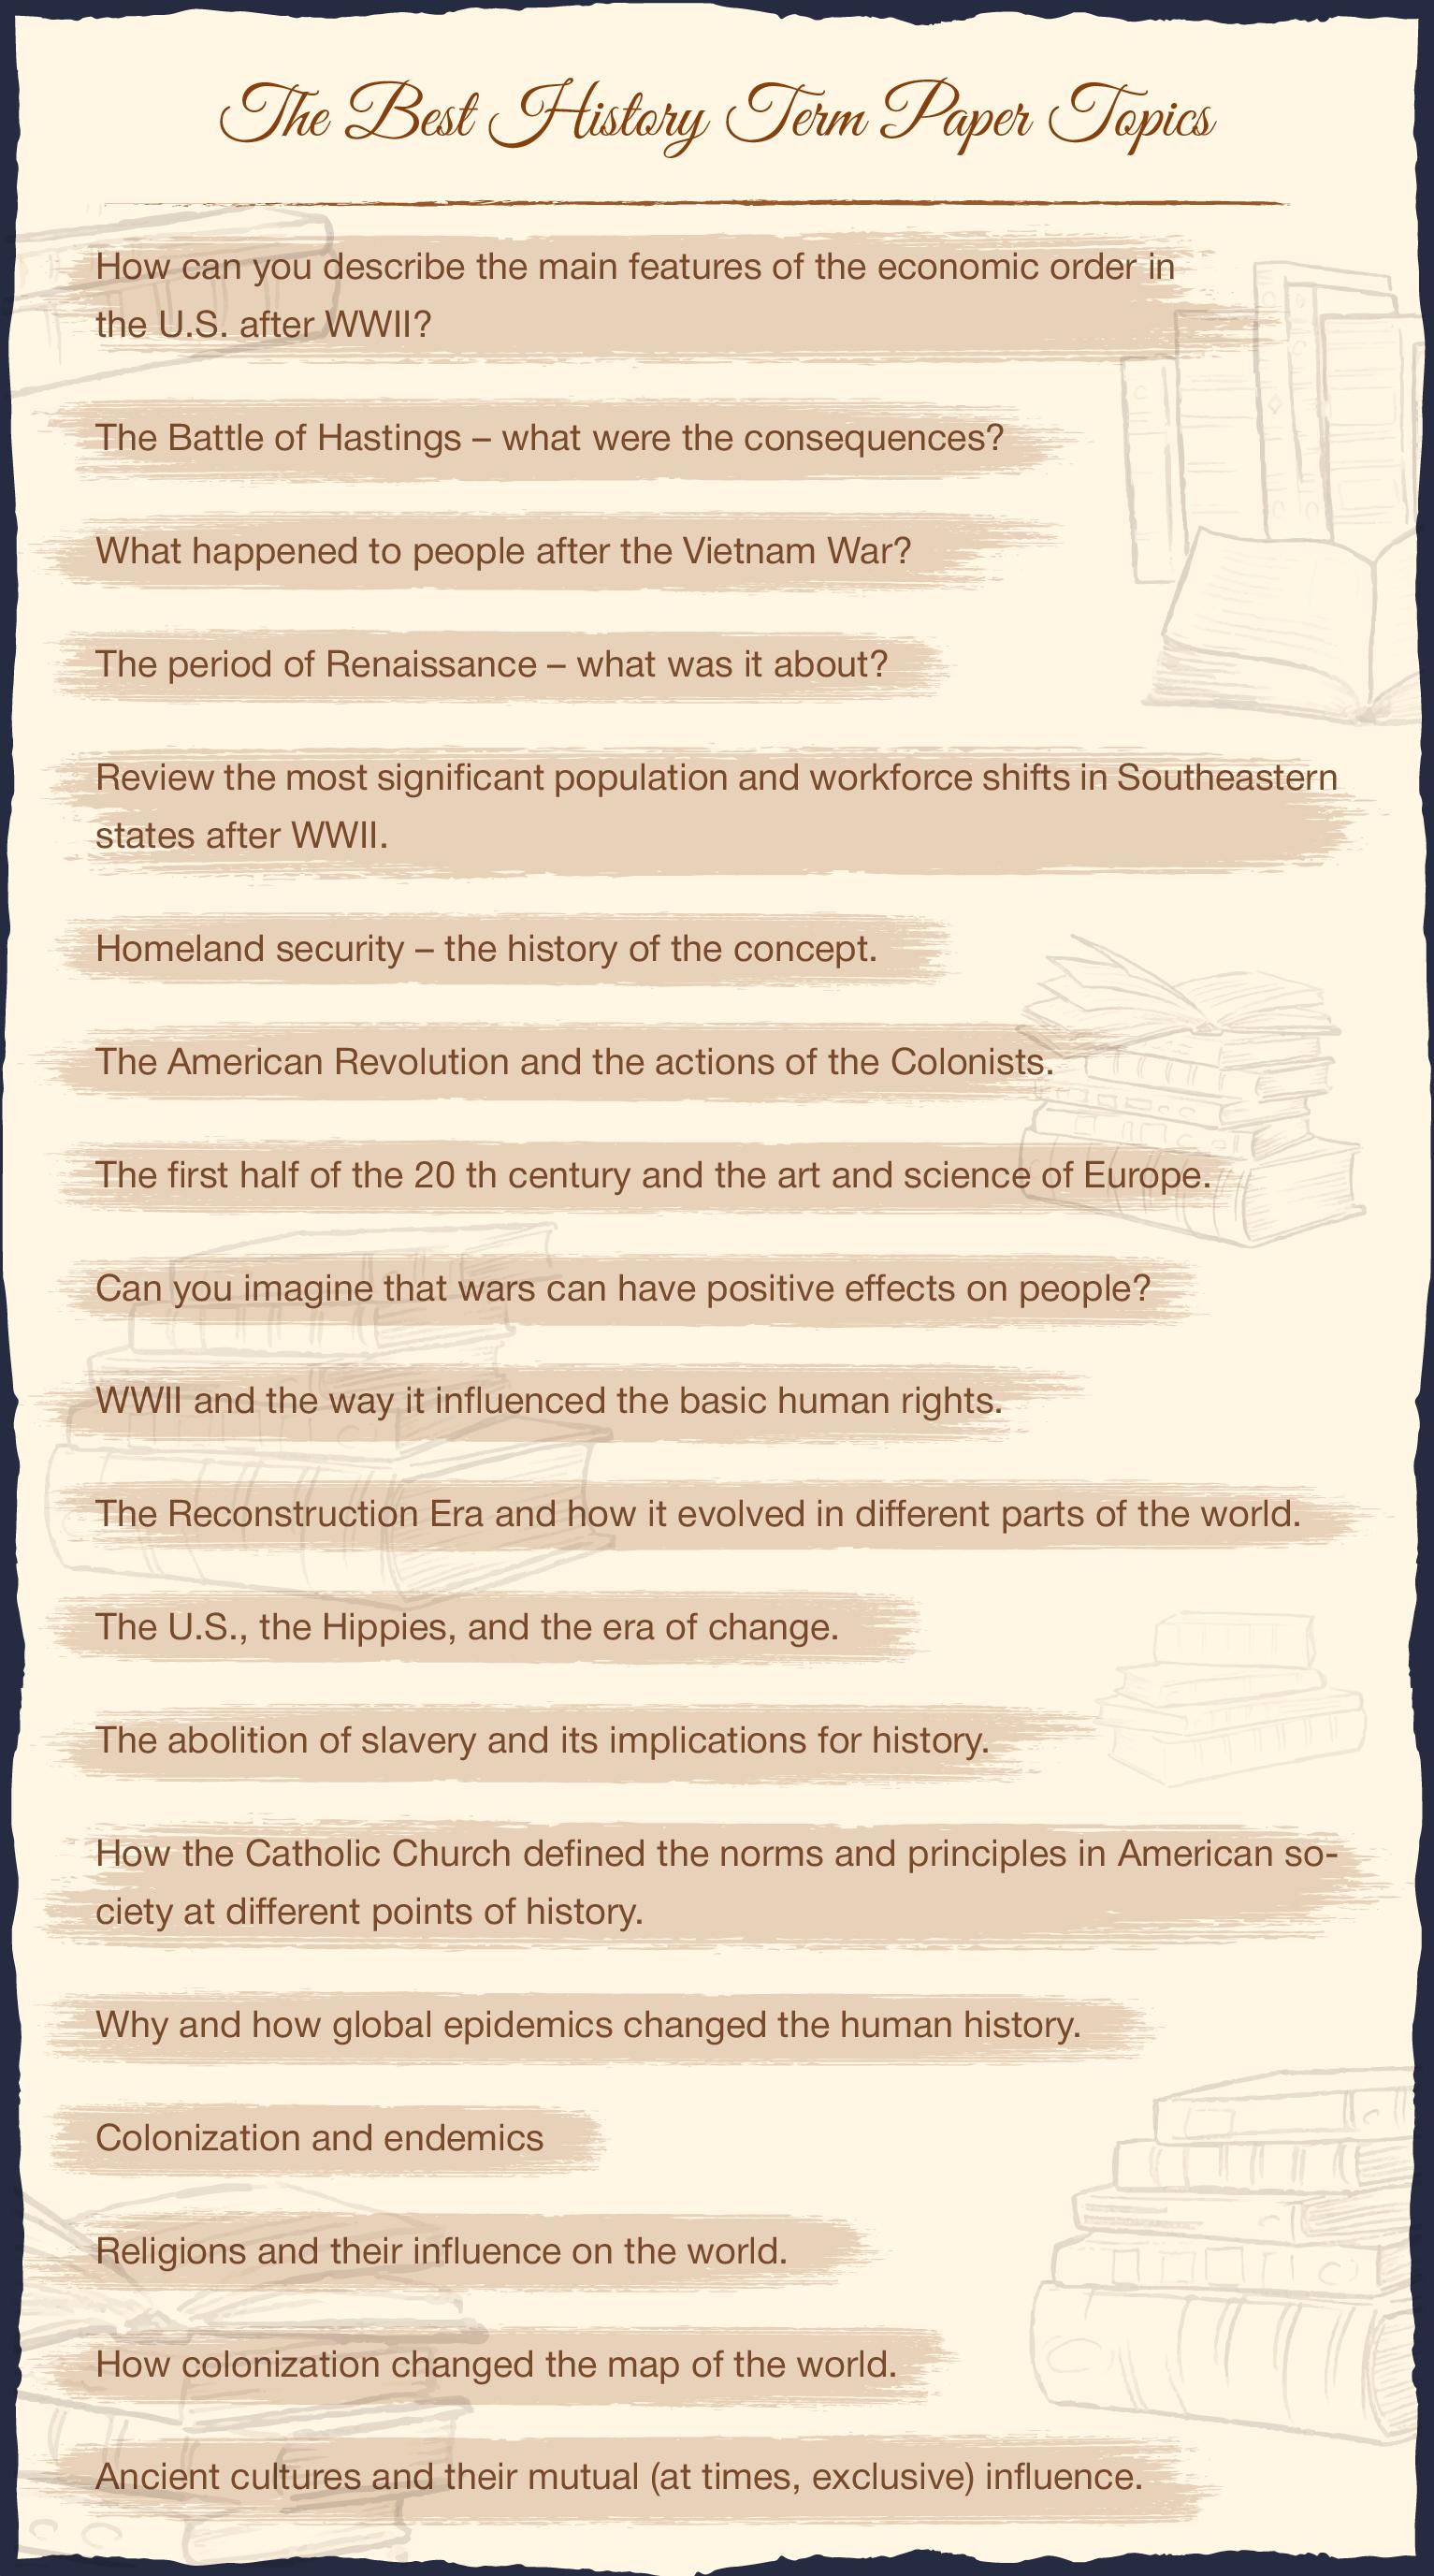 The Best History Term Paper Topics Term Paper Writing Topics Topics